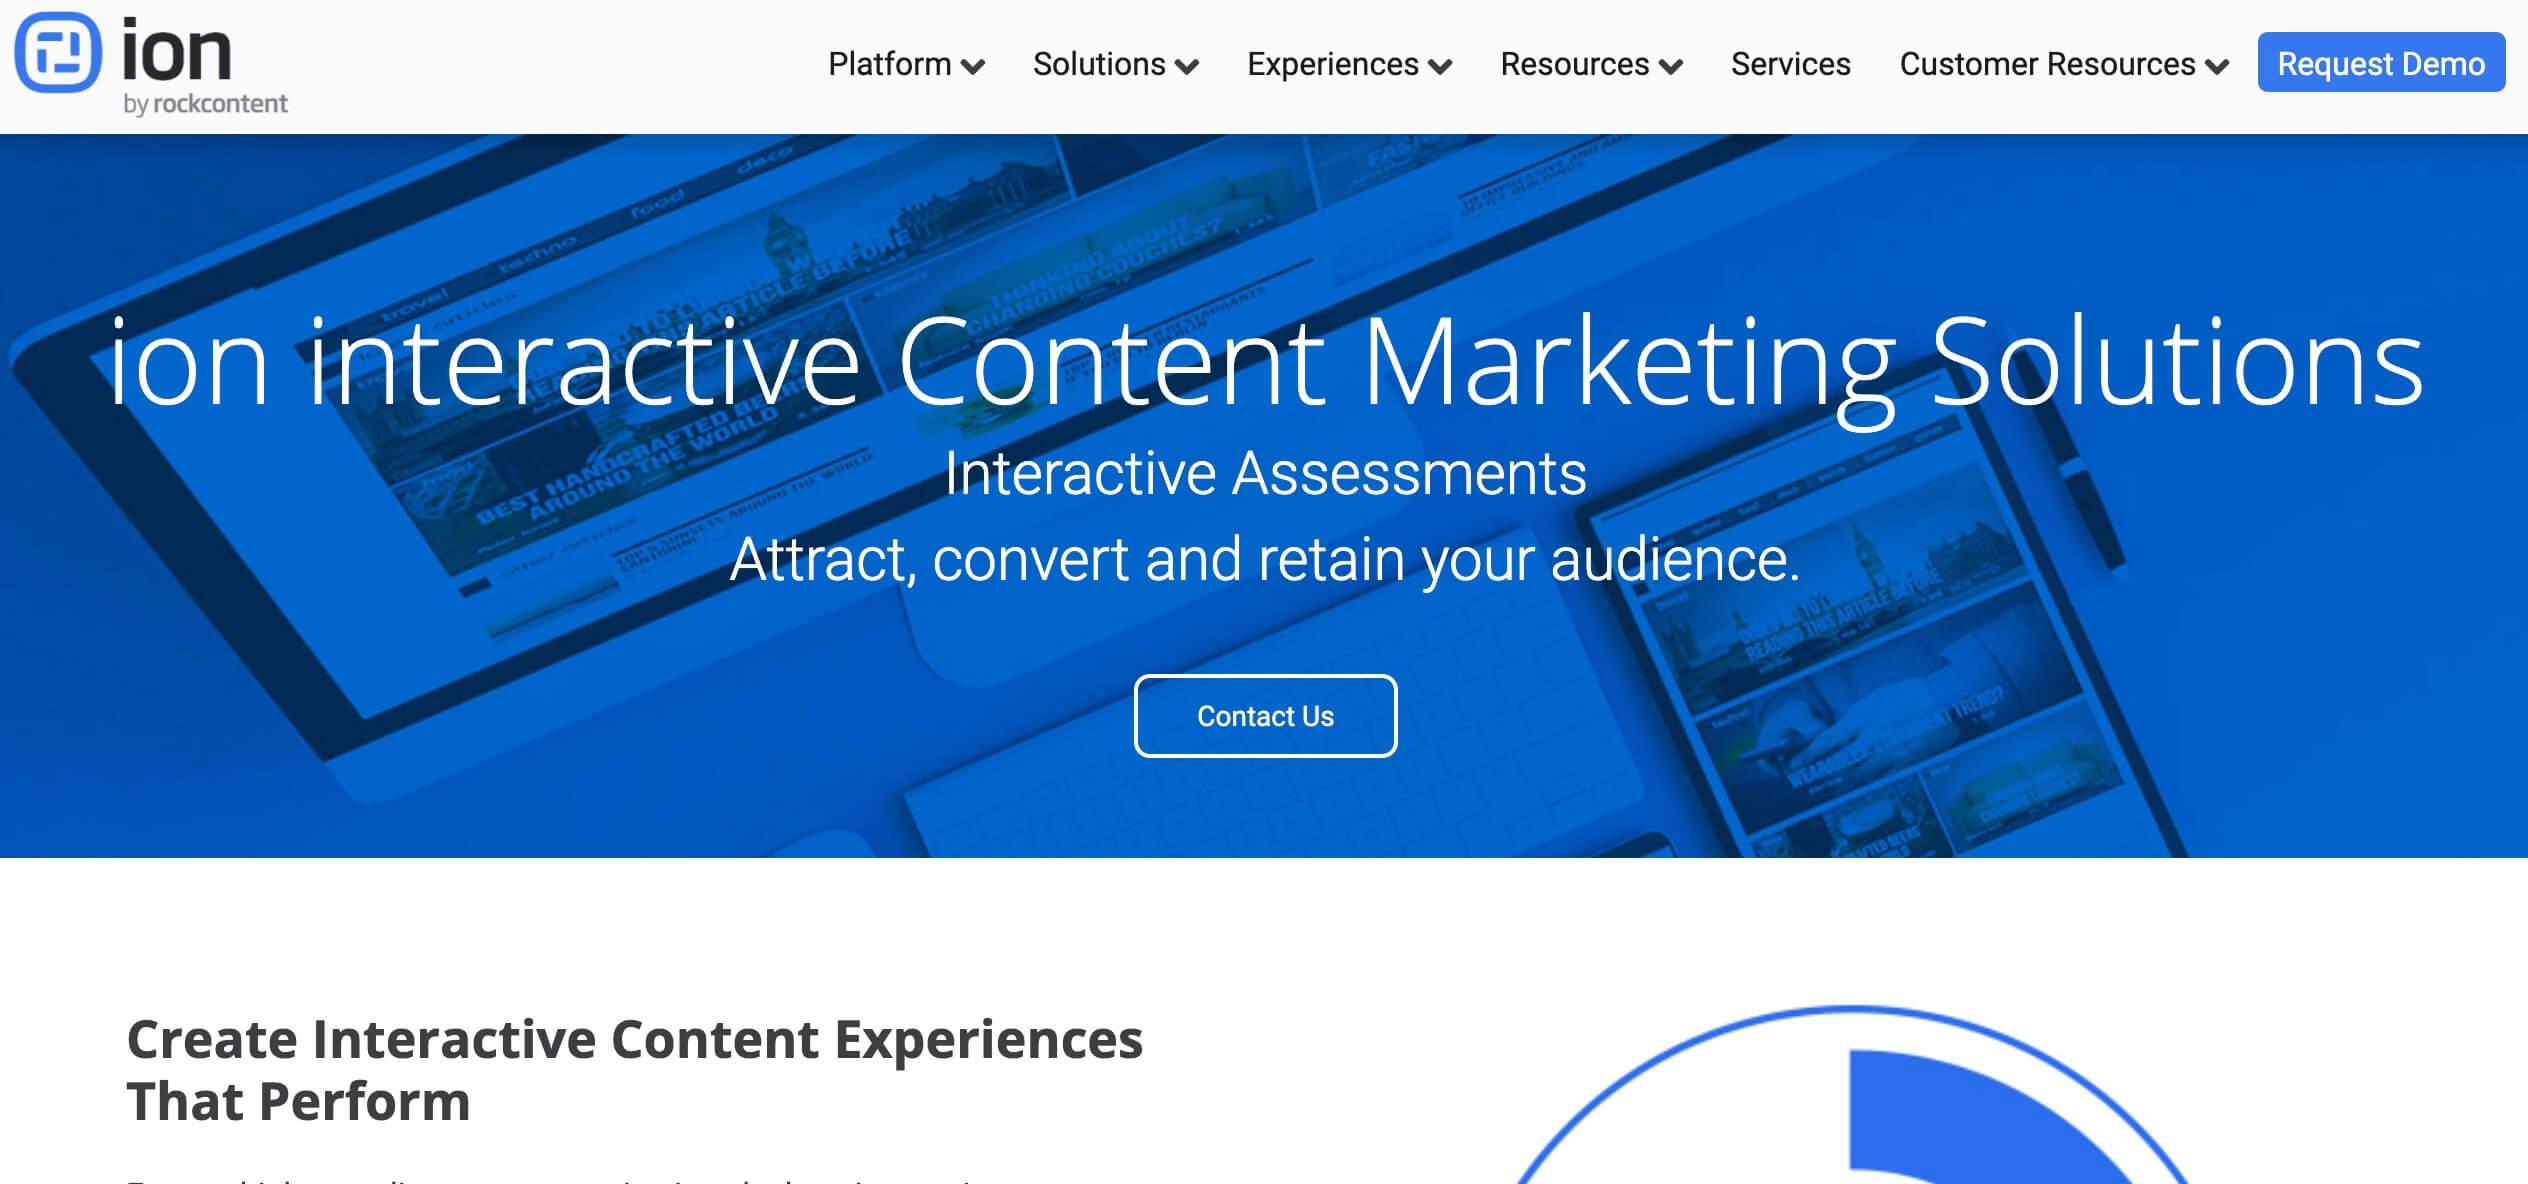 Herramienta para publicidad digital: ion interactive para la creación de contenido interactivo